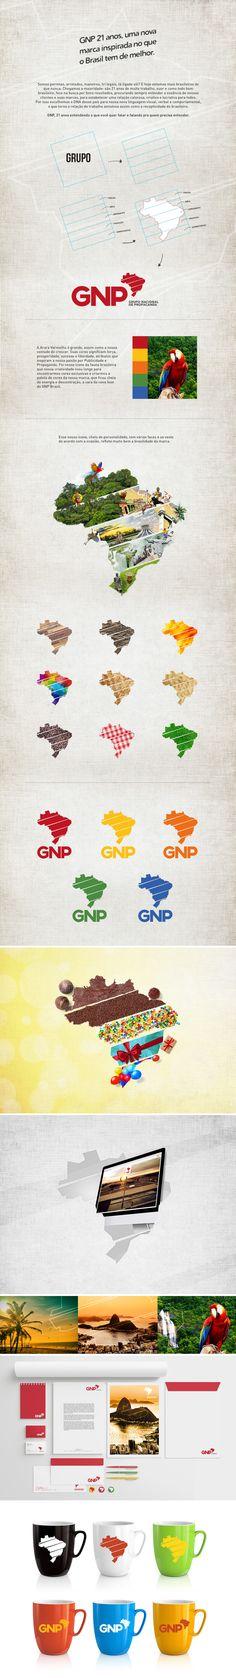 GNP - Grupo Nacional de Propaganda on Behance